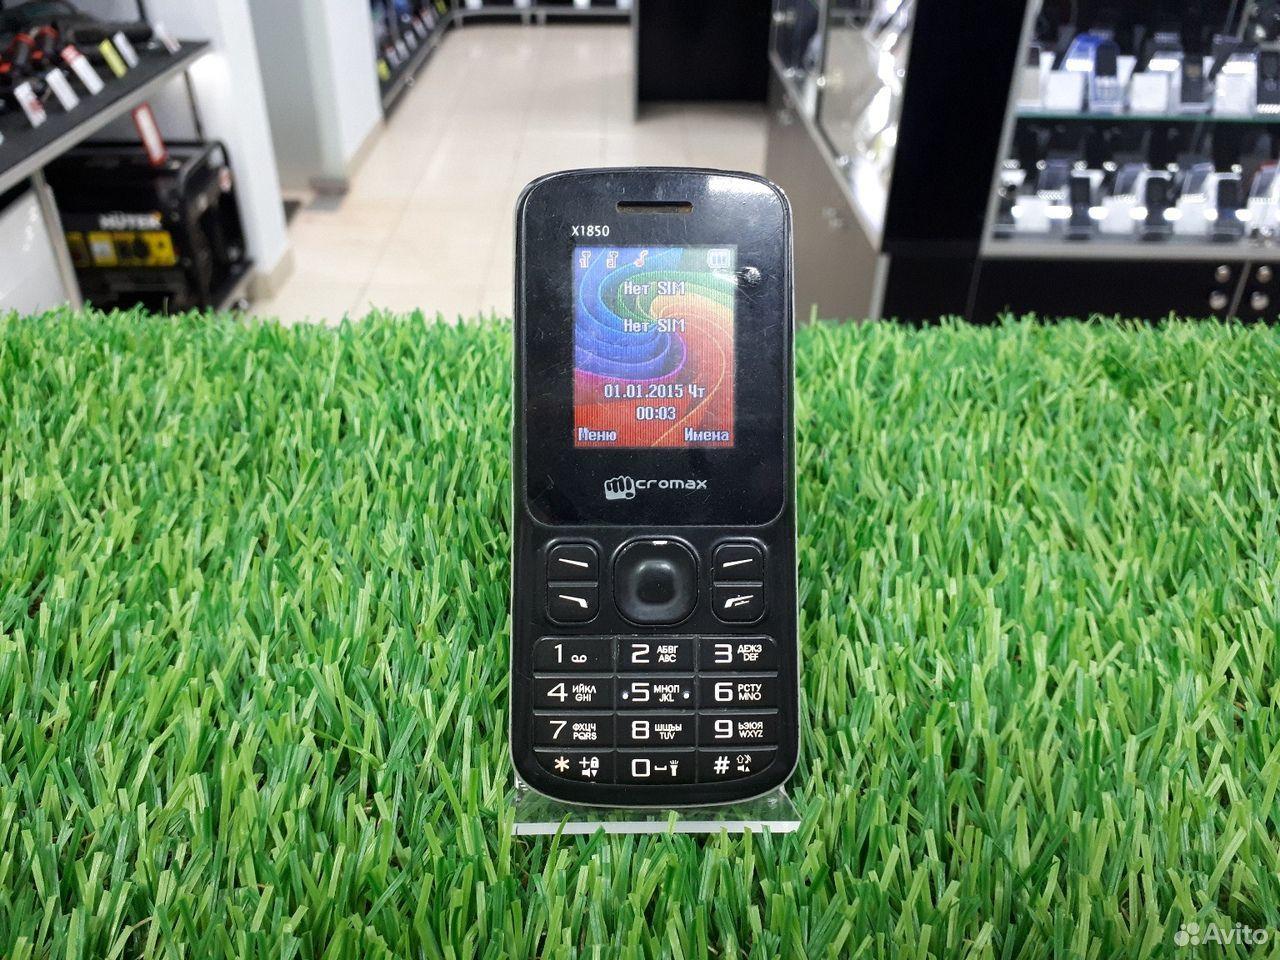 Телефон Micromax X1850 Joy (пр130)